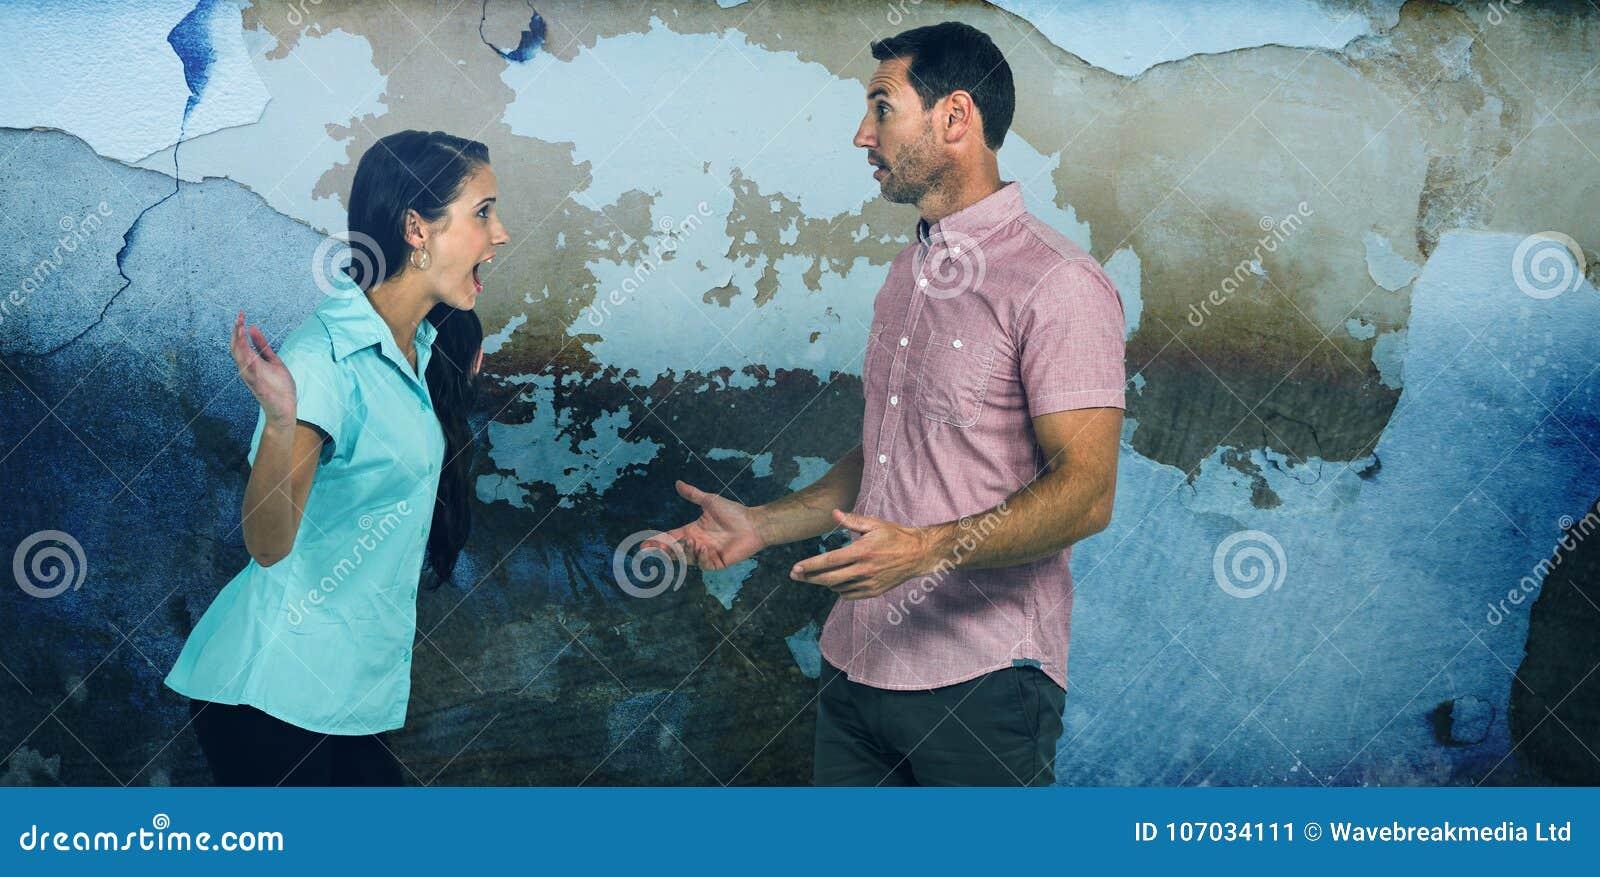 Σύνθετη εικόνα να φωνάξει γυναικών στον άνδρα παλεύοντας